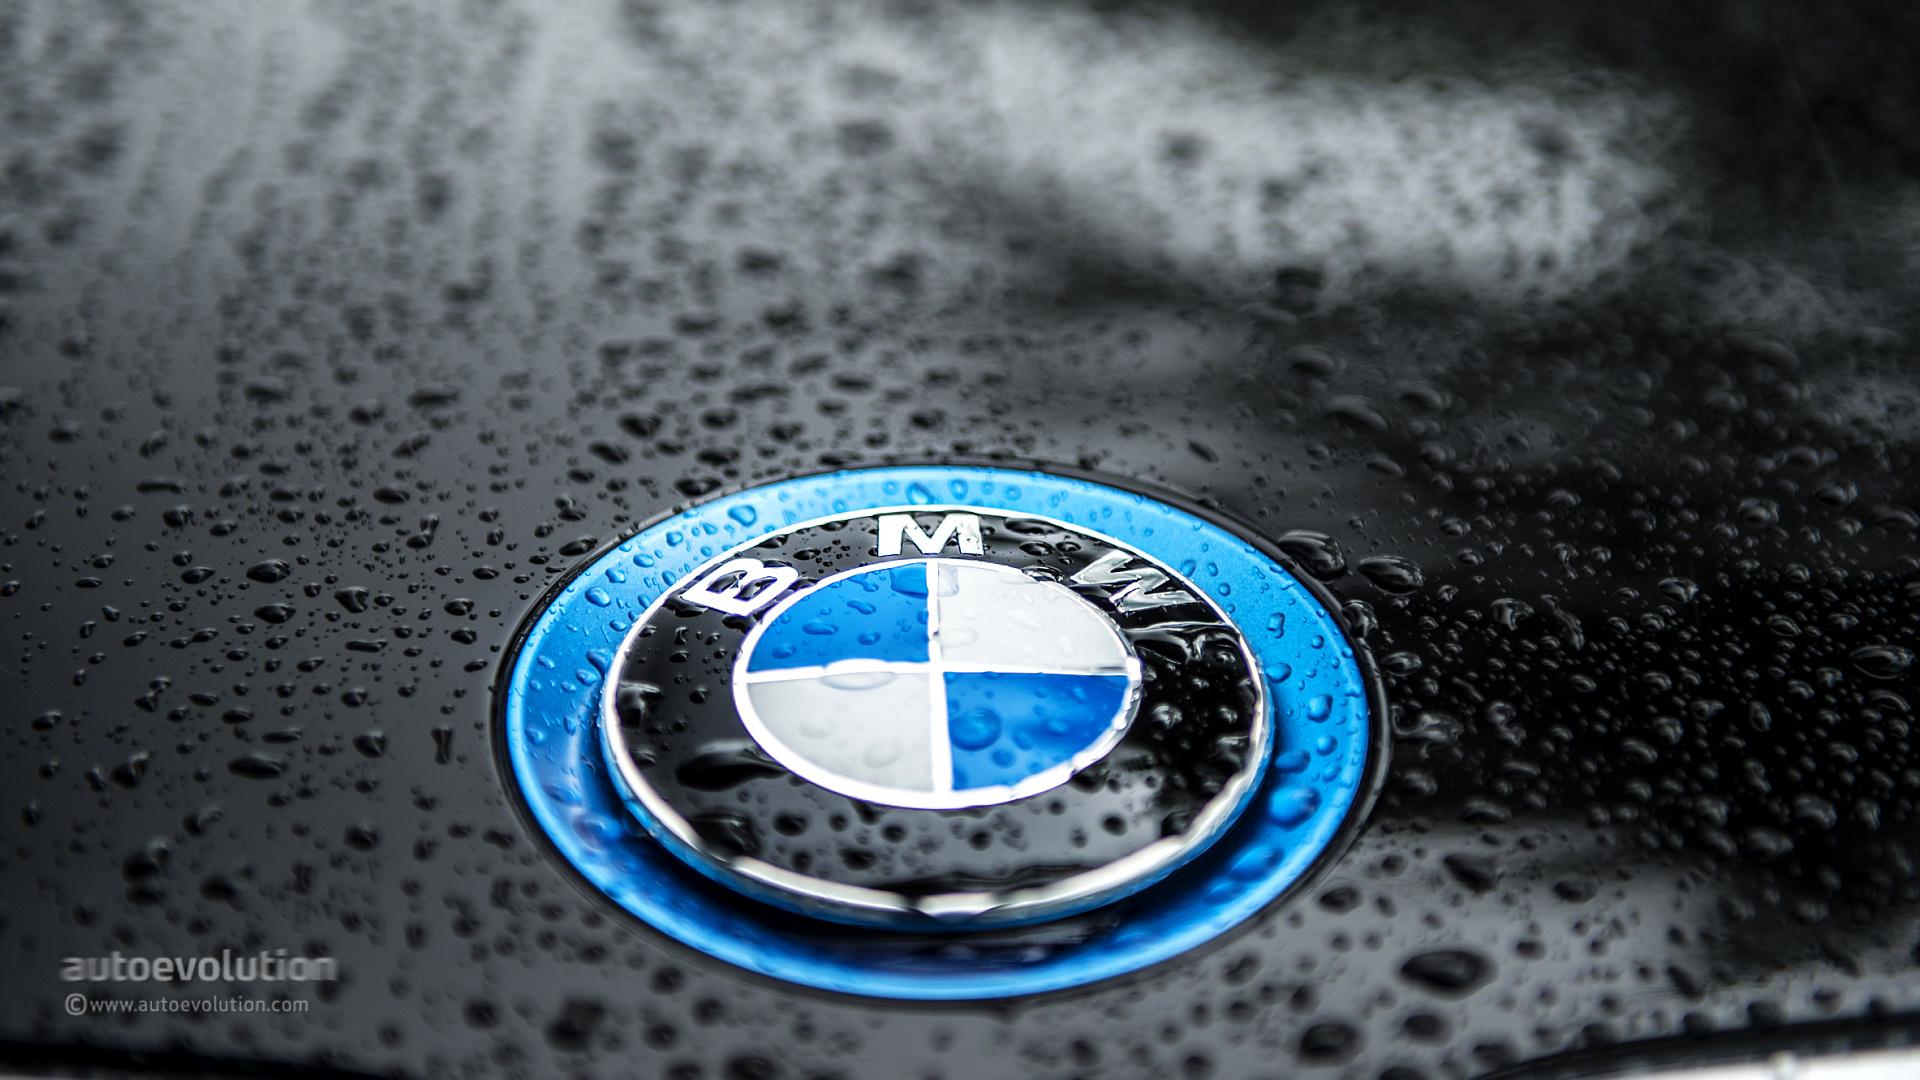 1000 Images About Bmw Logo On Pinterest: BMW Fonds D'écran, Arrières-plan